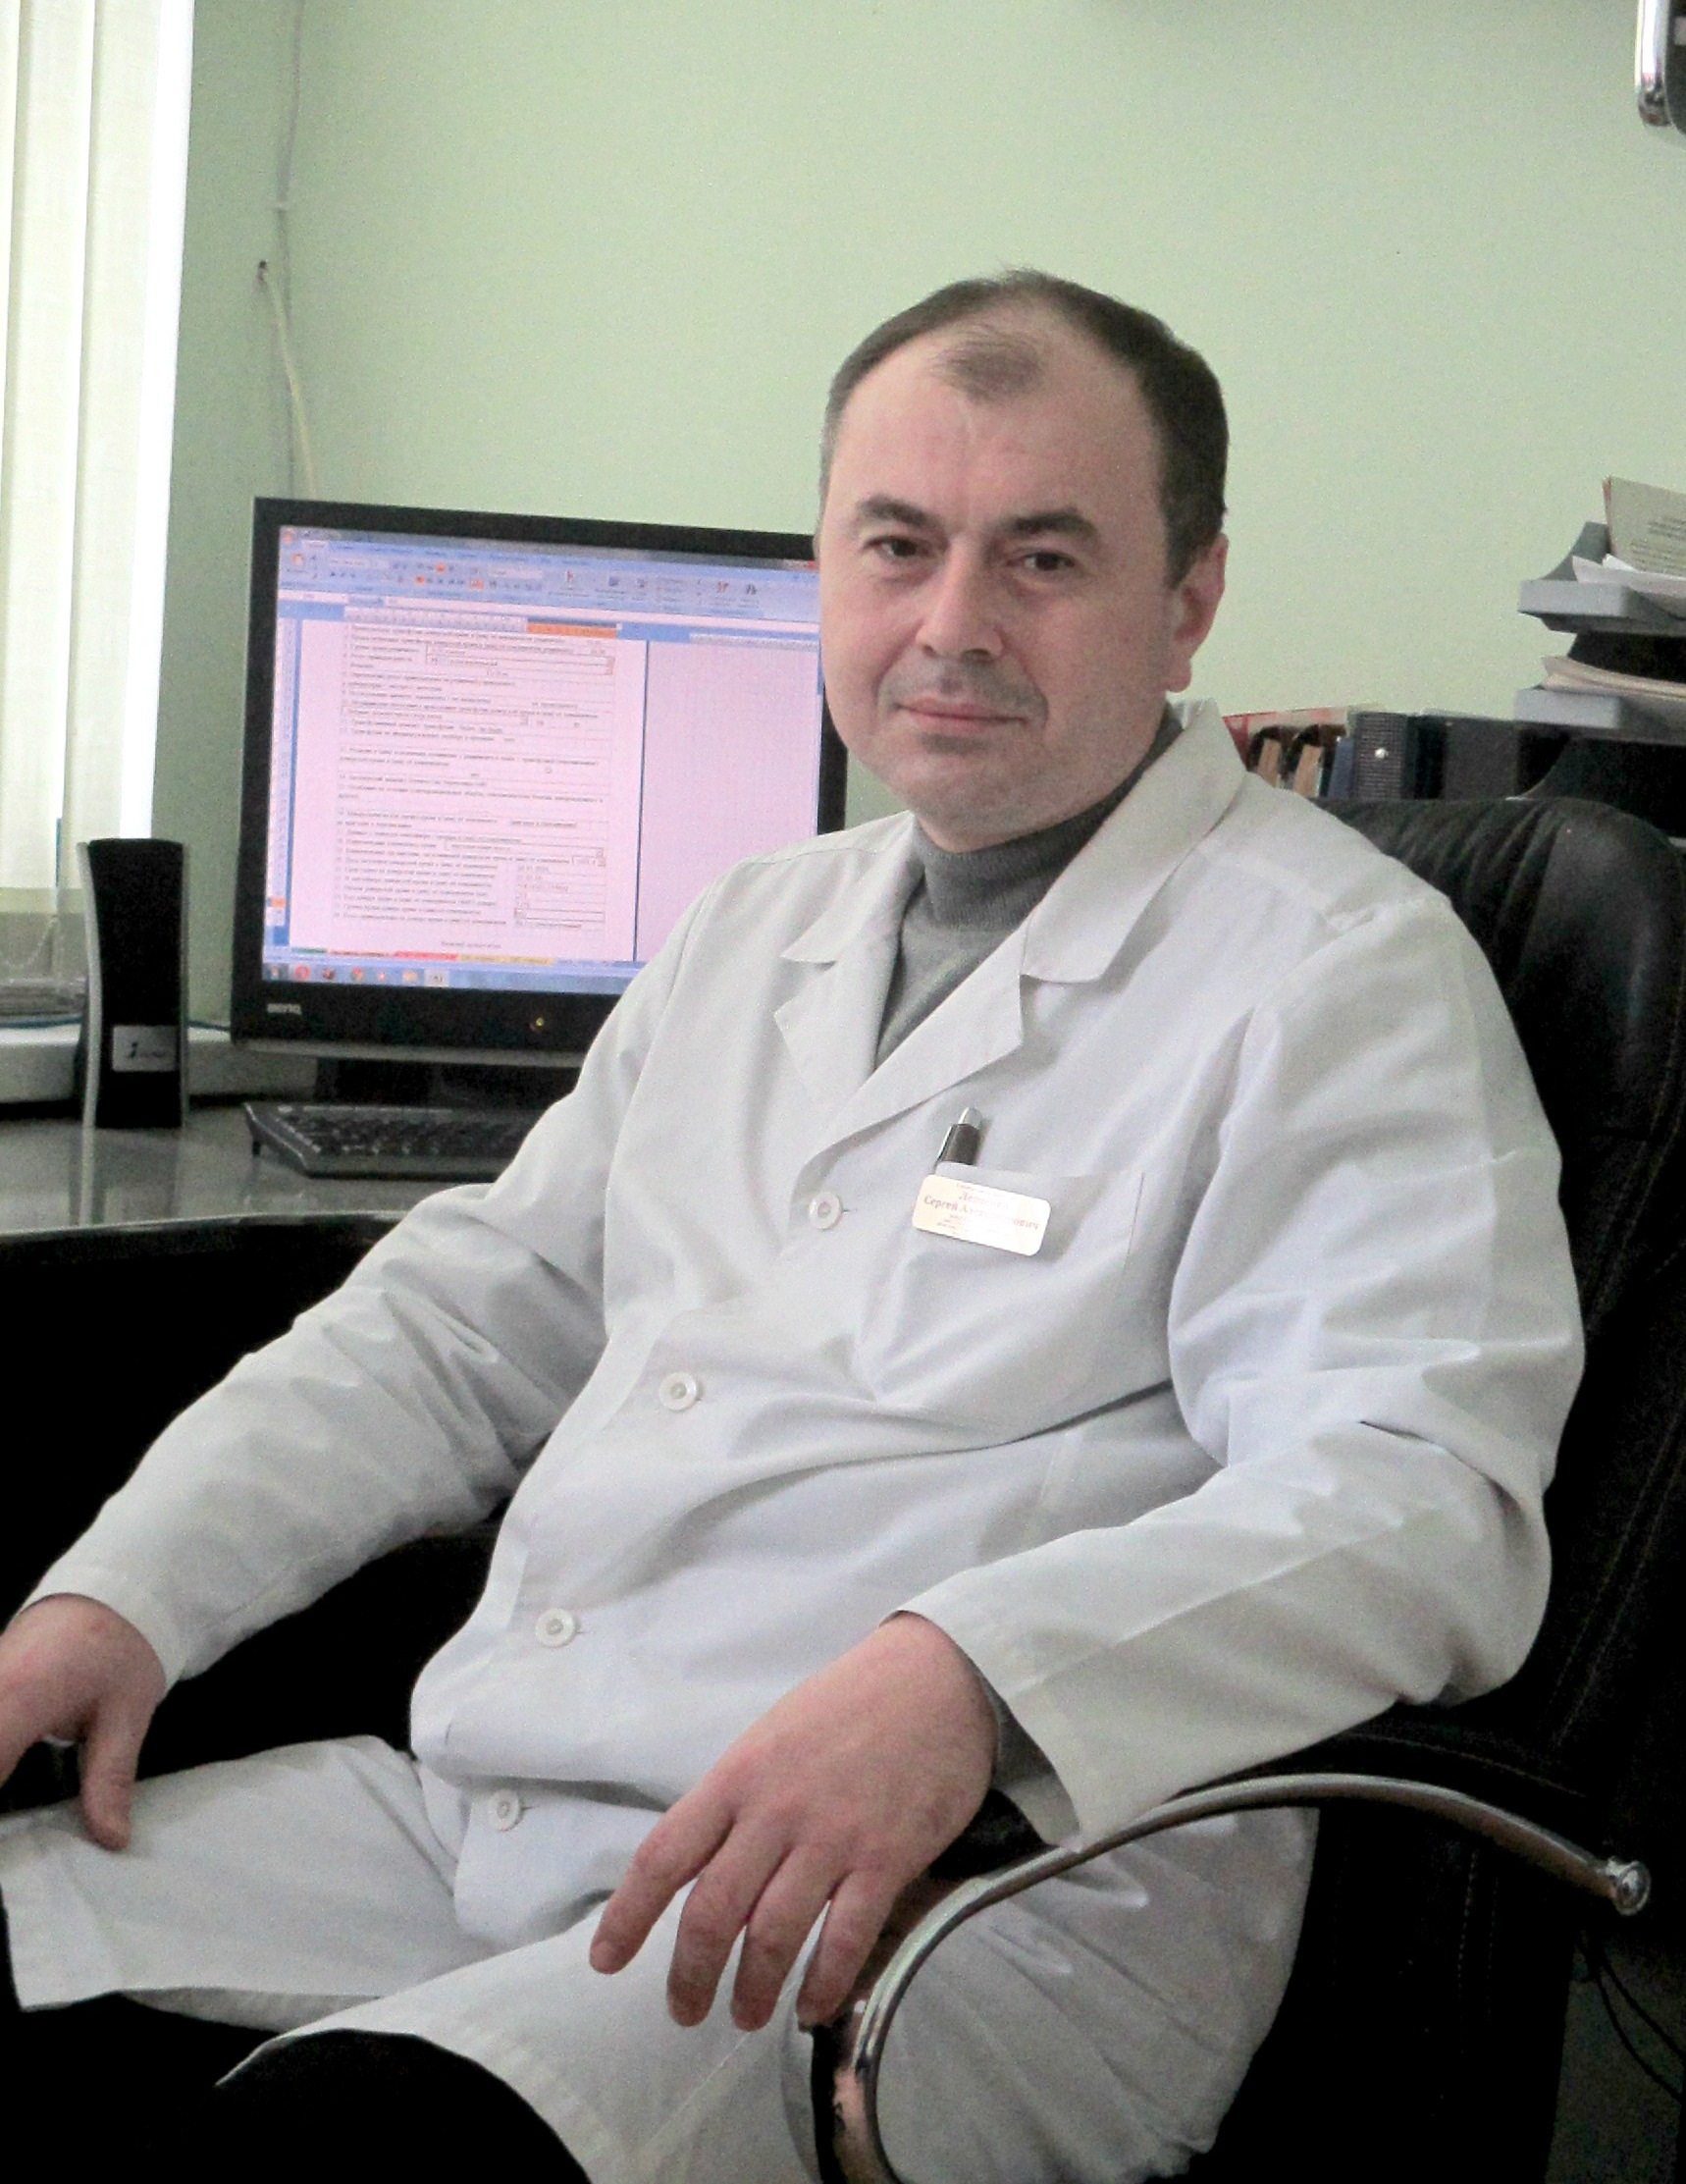 Телефон клиника екатерининская в г краснодаре